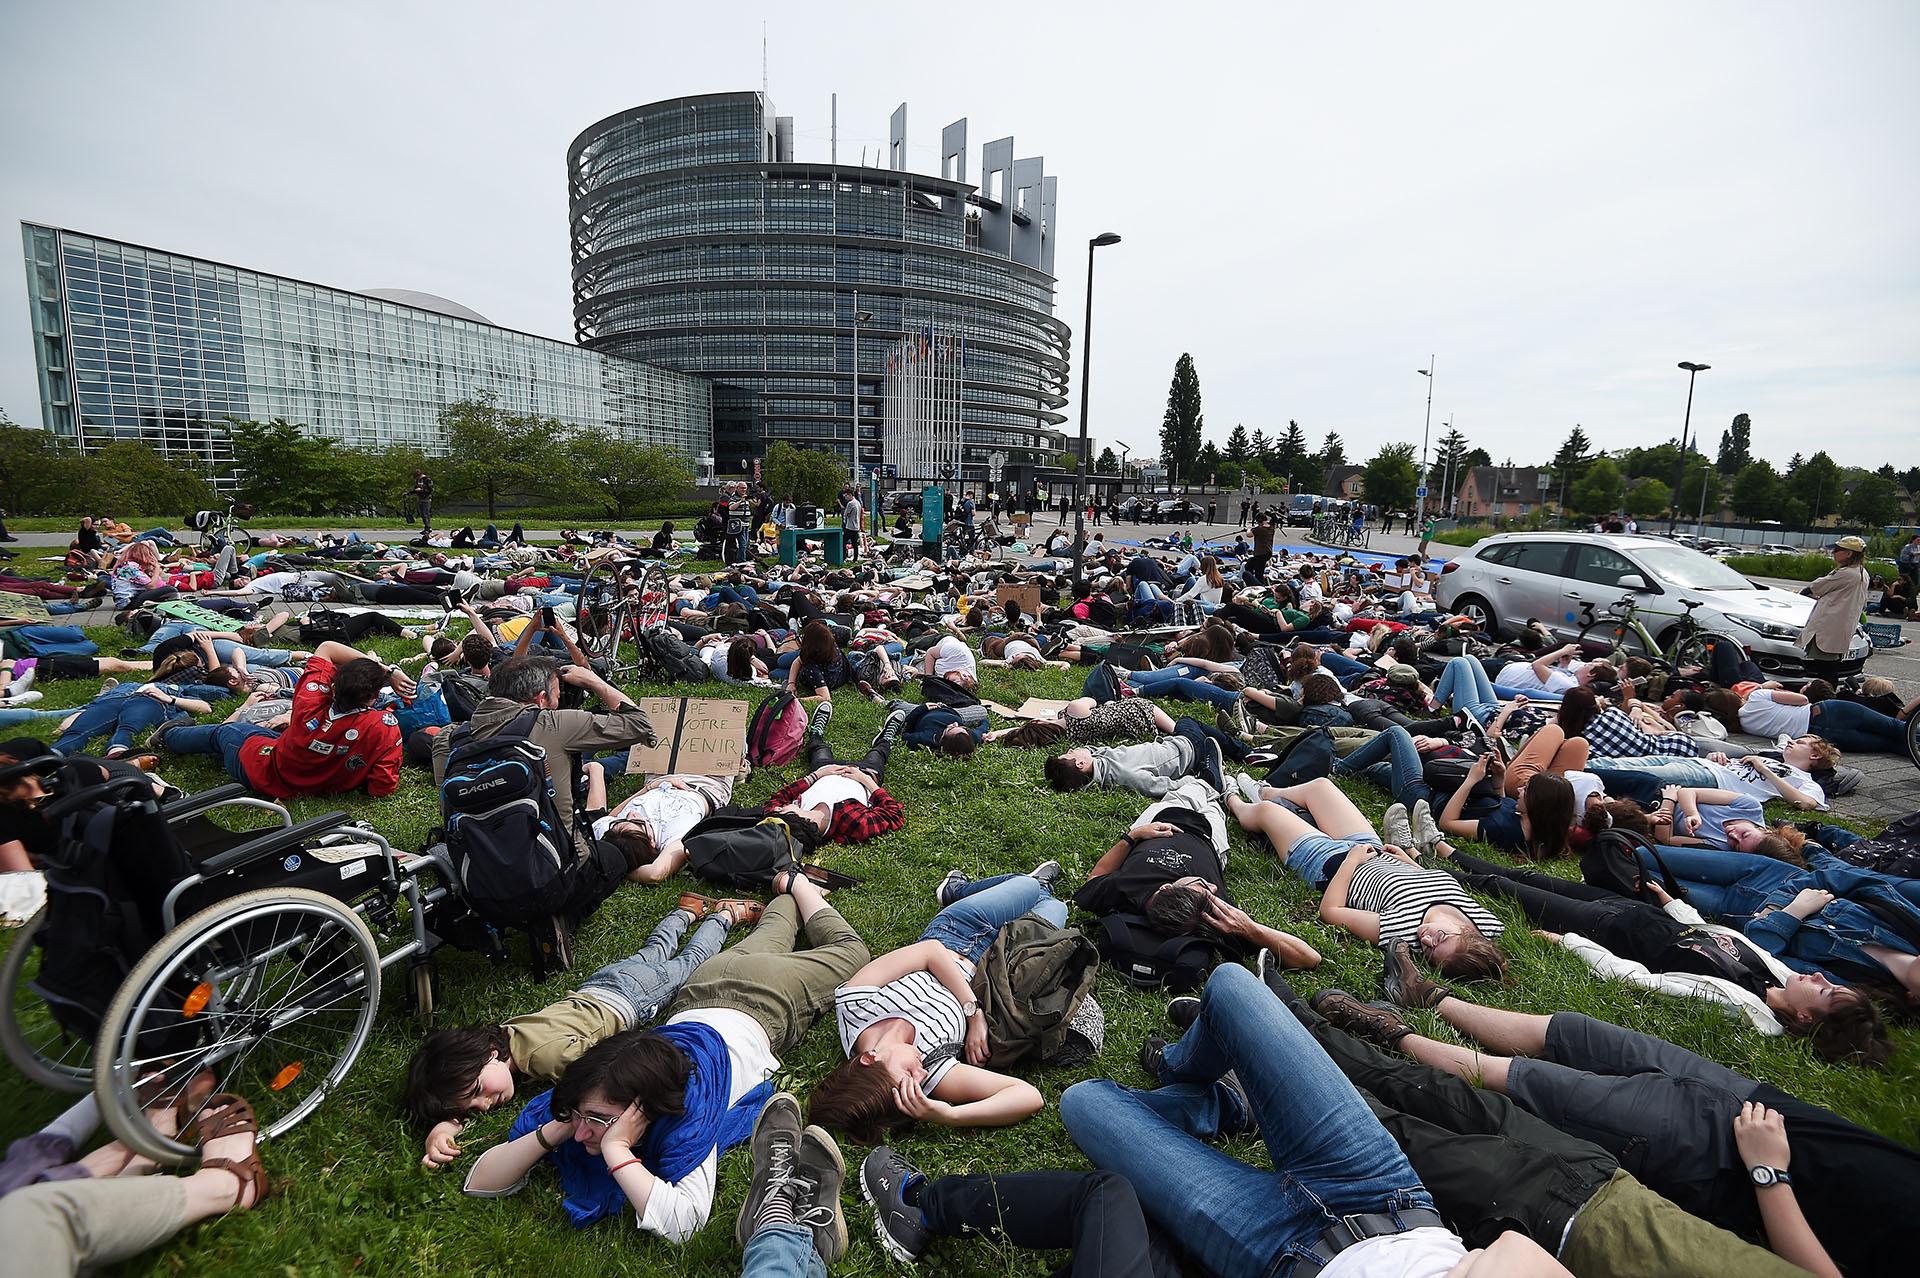 Jóvenes anticipan las consecuencias del cambio climático haciéndose los muertos durante una protesta que exige una acción urgente contra el calentamiento global, el 24 de mayo de 2019, ante el Parlamento Europeo en Estrasburgo, en el este de Francia. (AFP)